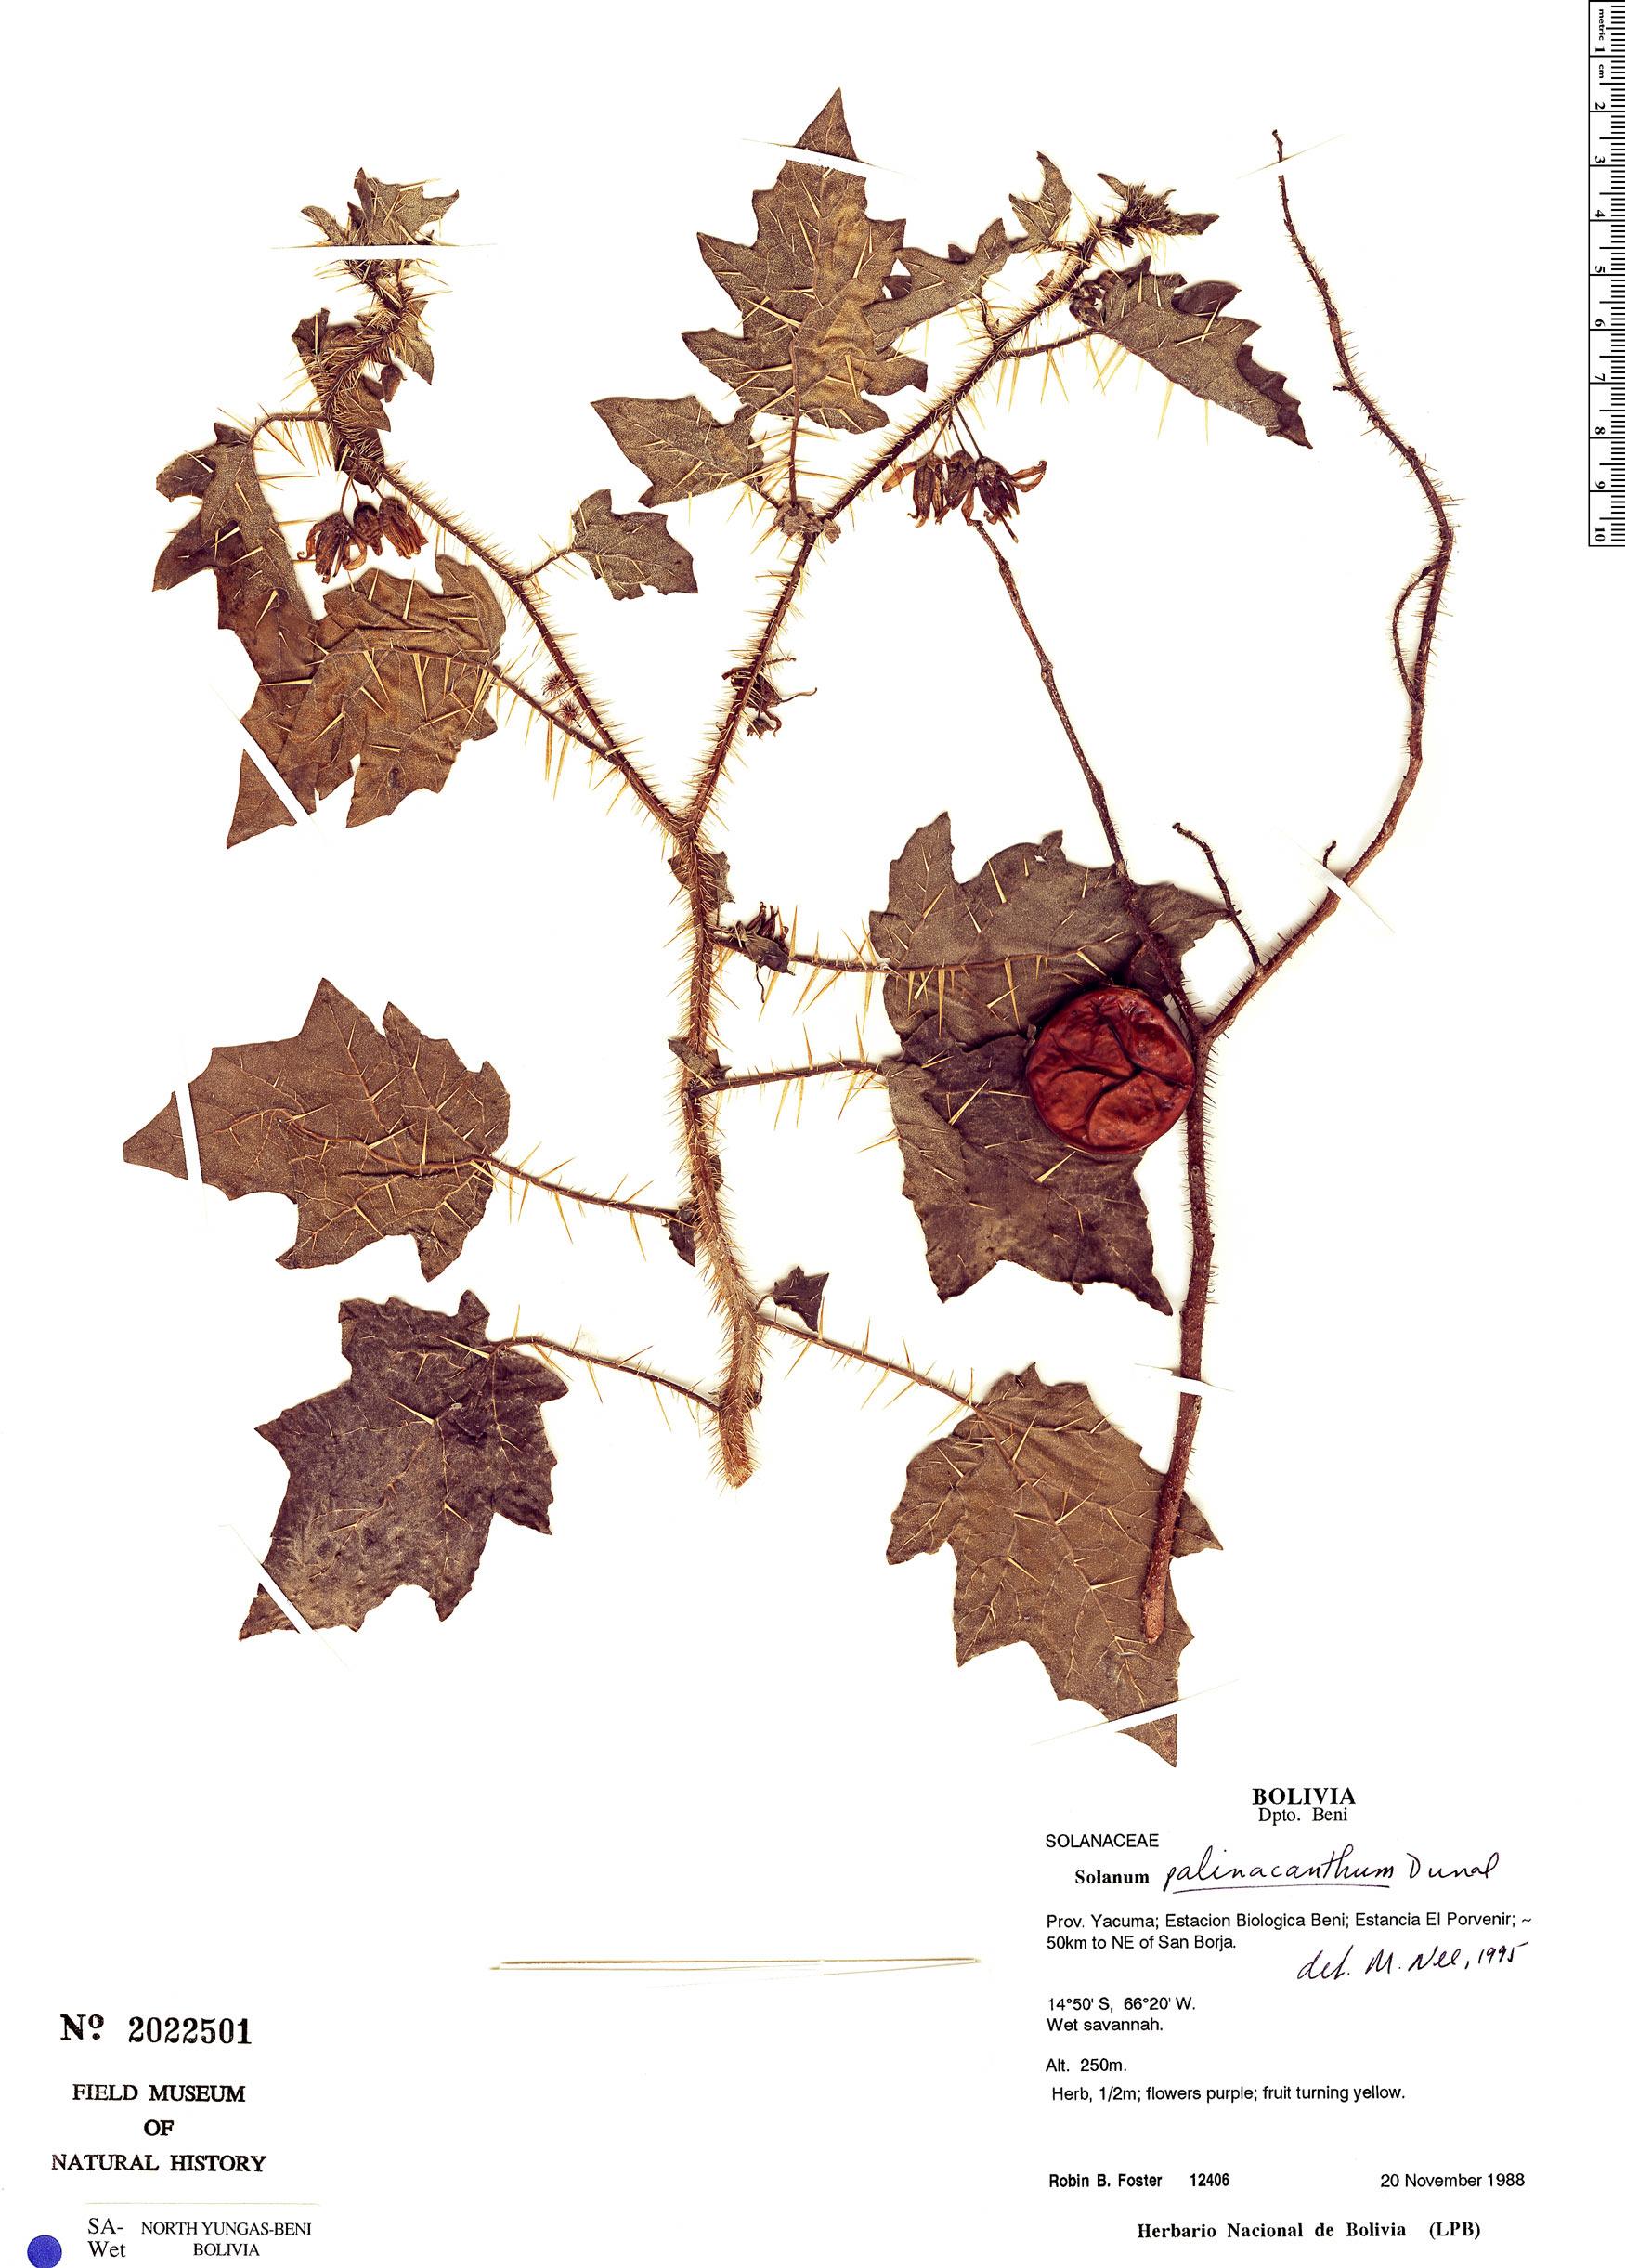 Specimen: Solanum palinacanthum